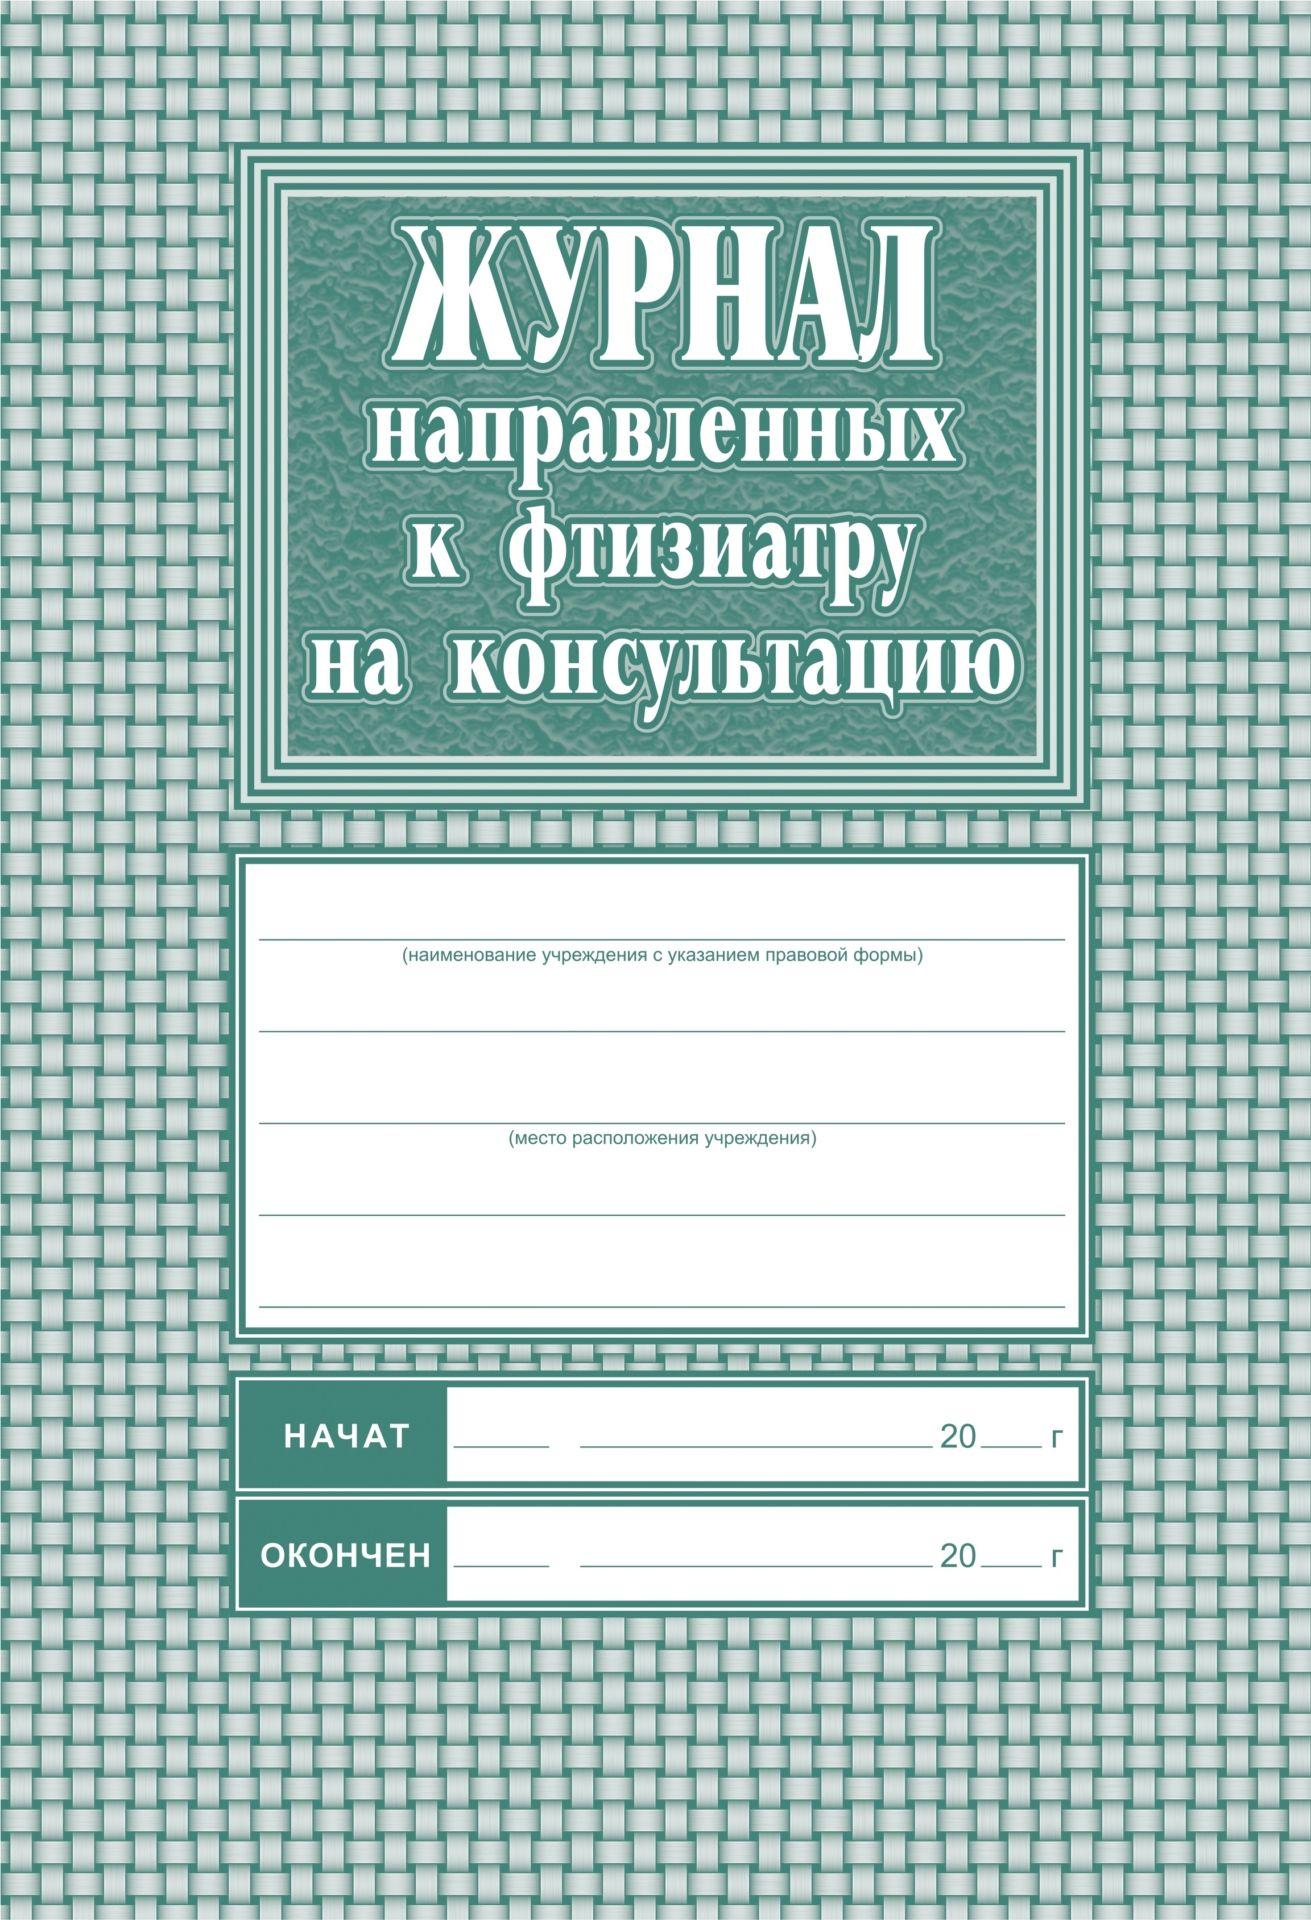 Журнал направленных к фтизиатру на консультацию: Формат А4,блок-бумага писчая, обложка офсет 120.